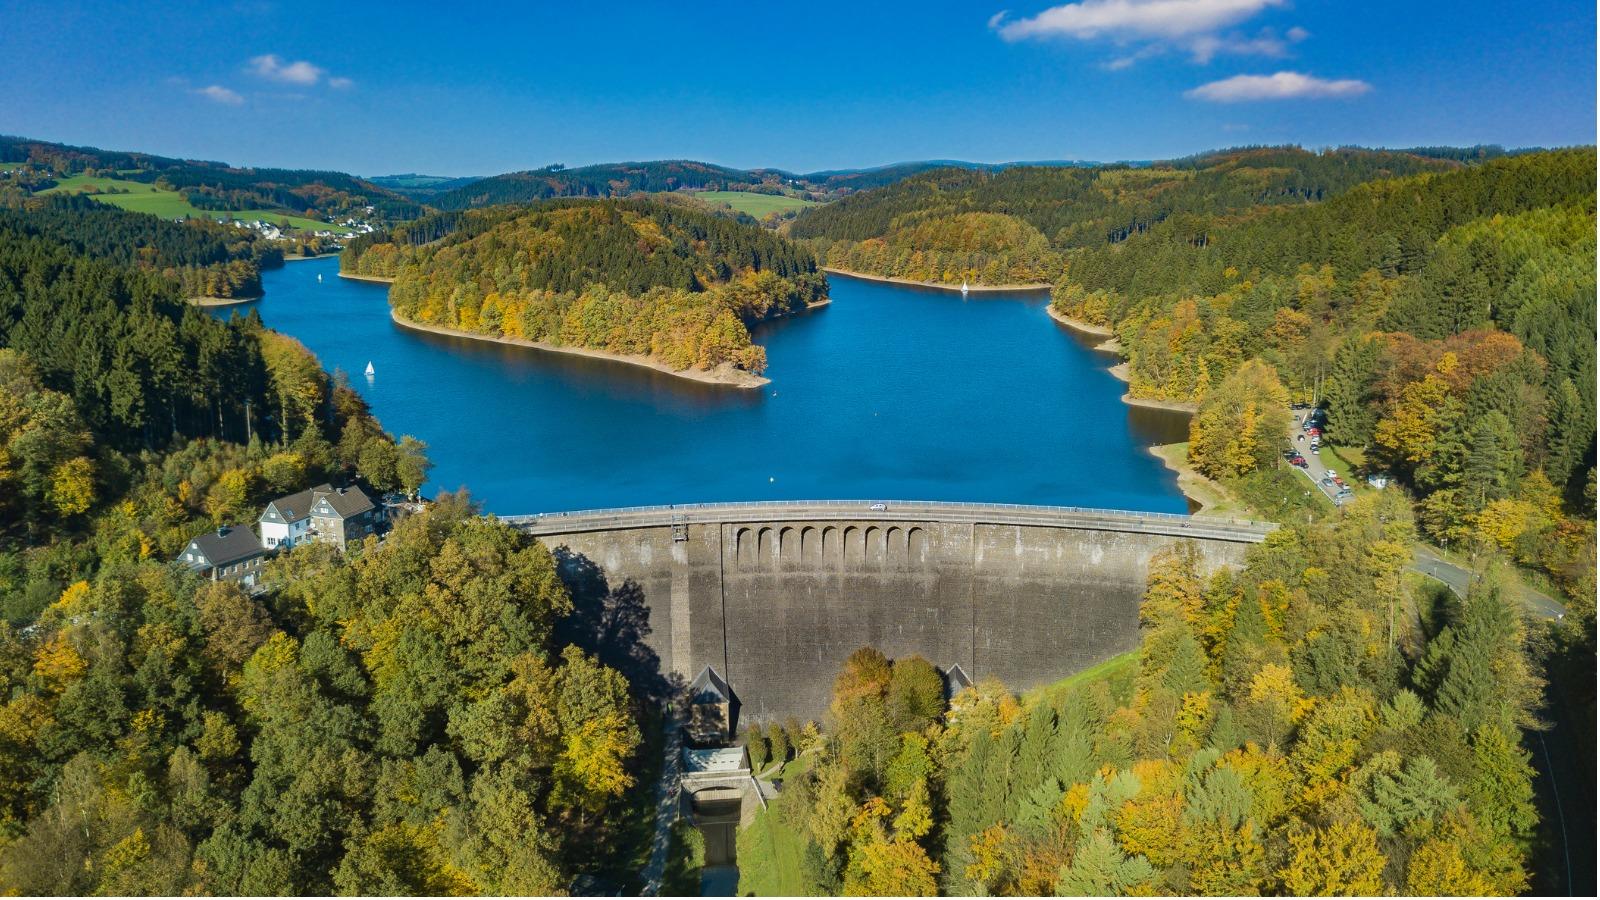 Strom aus Wasserkraft doch nicht so grün?